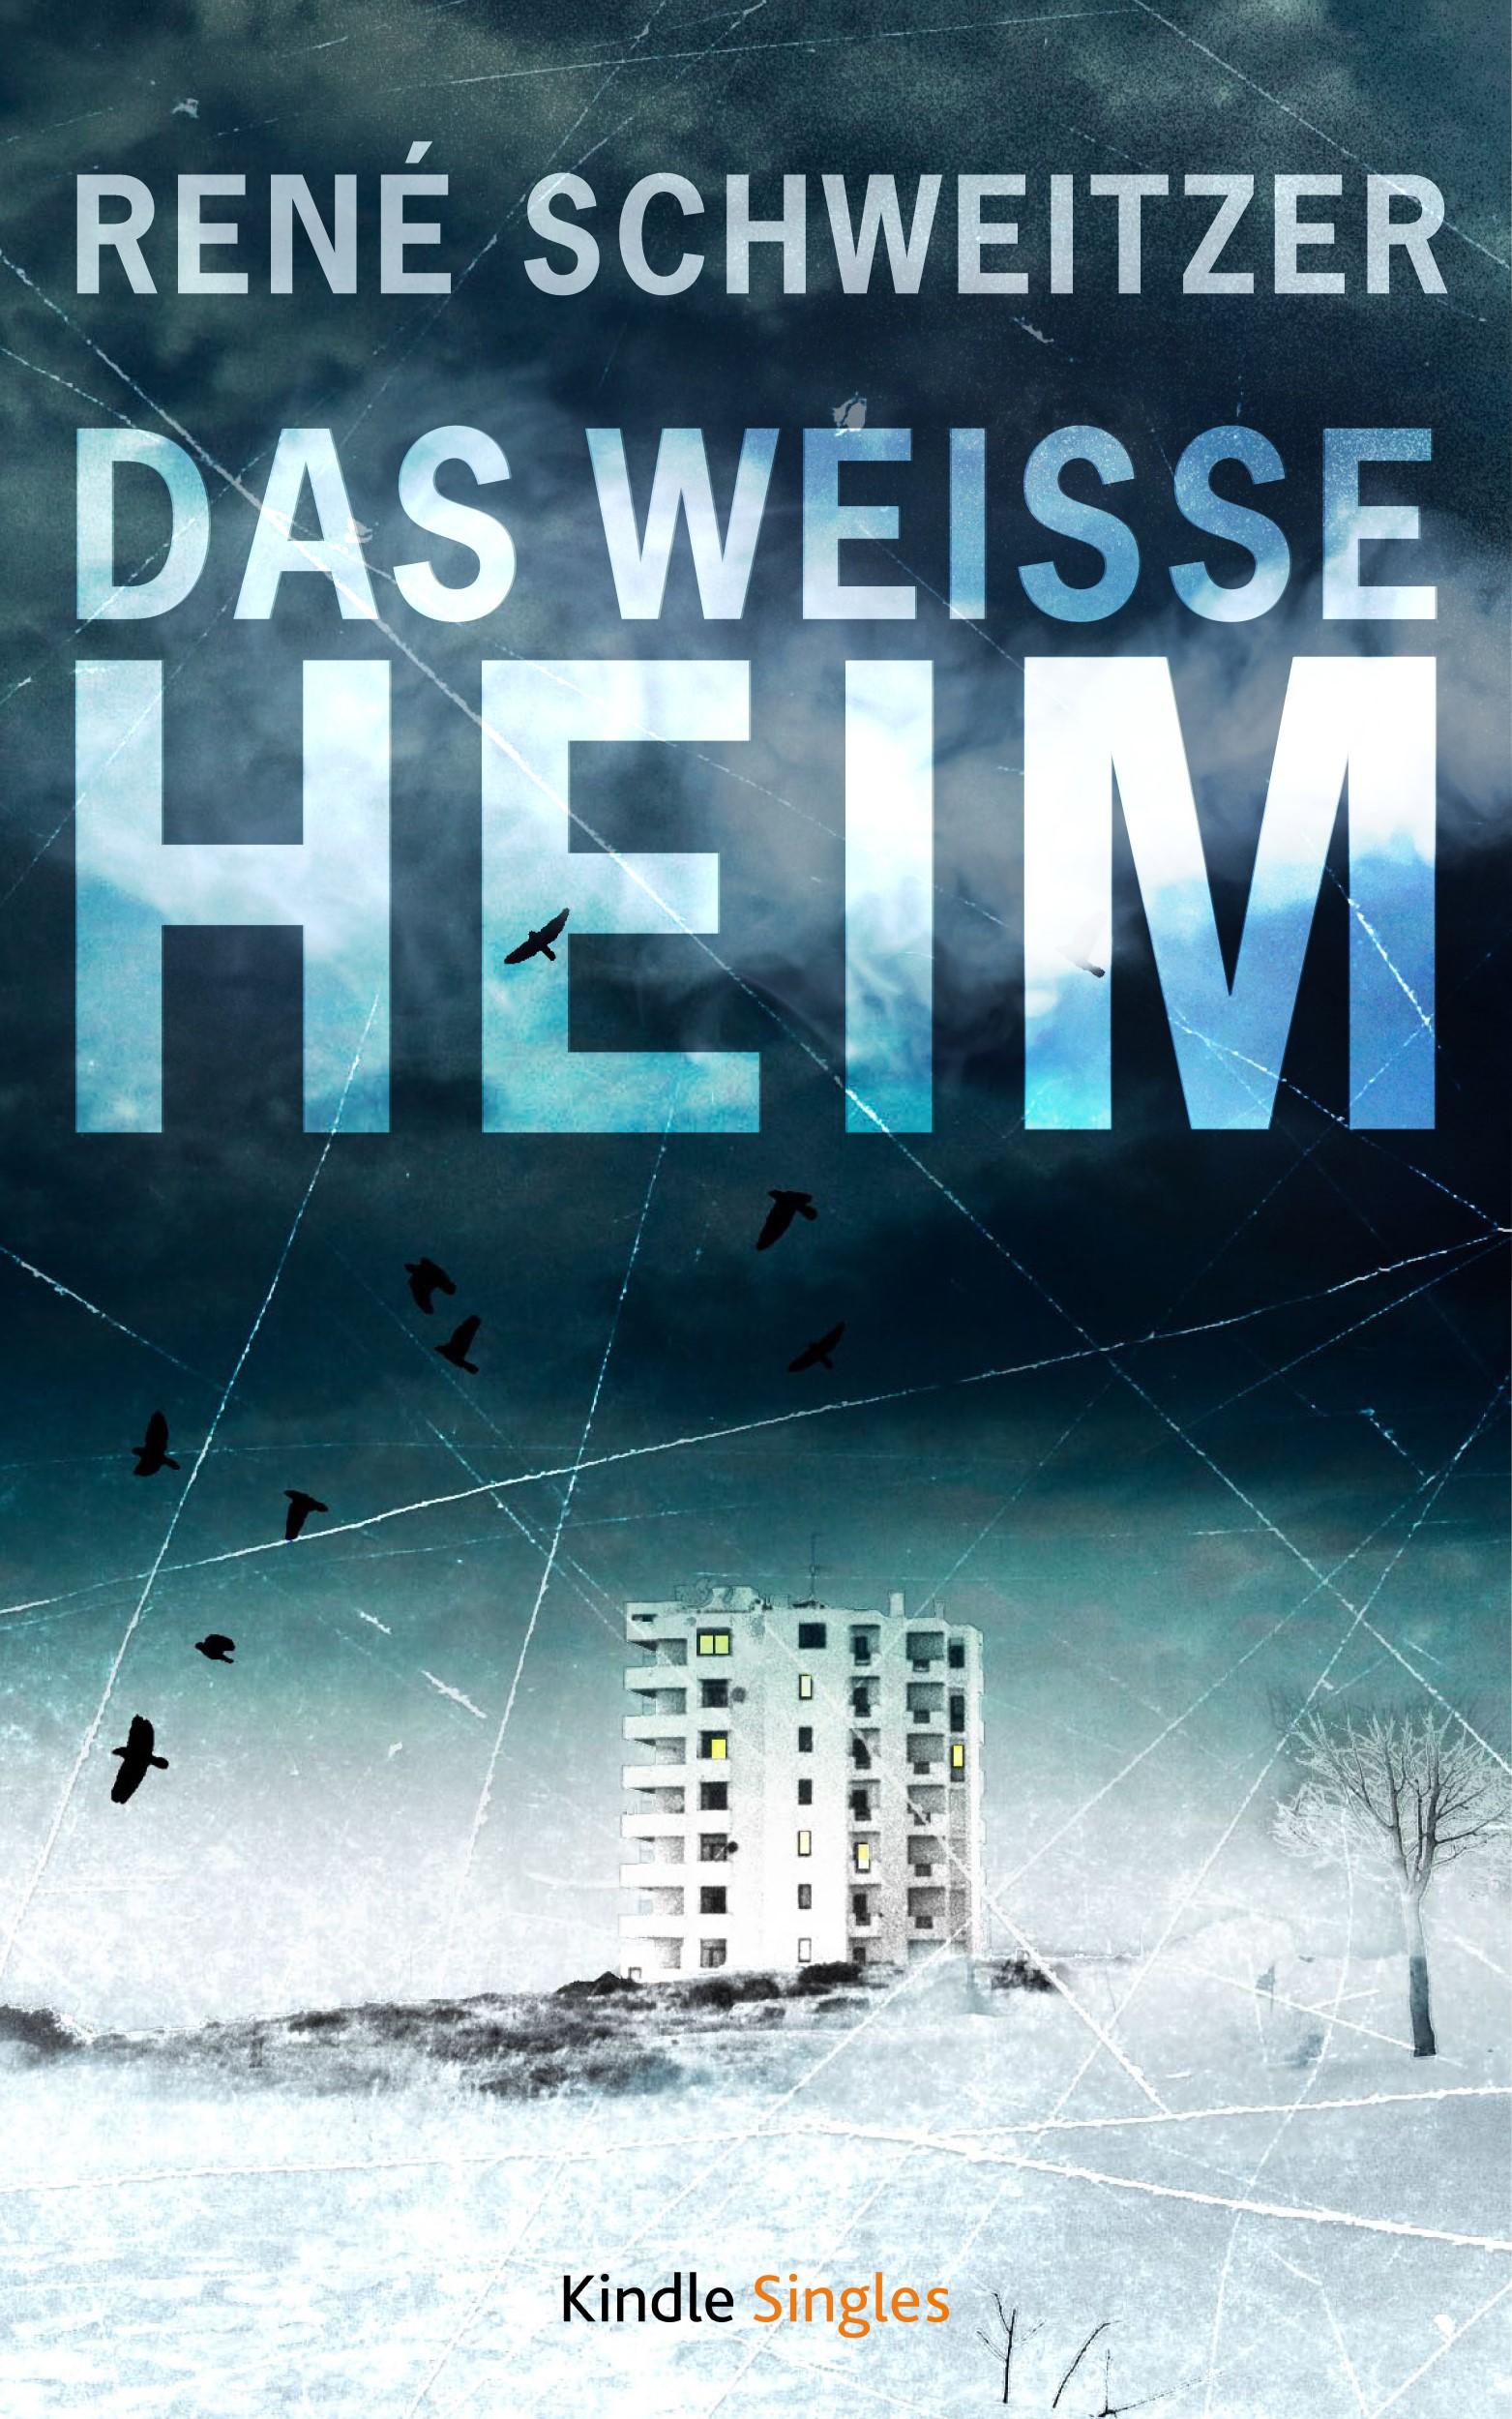 René Schweitzer – Das weiße Heim